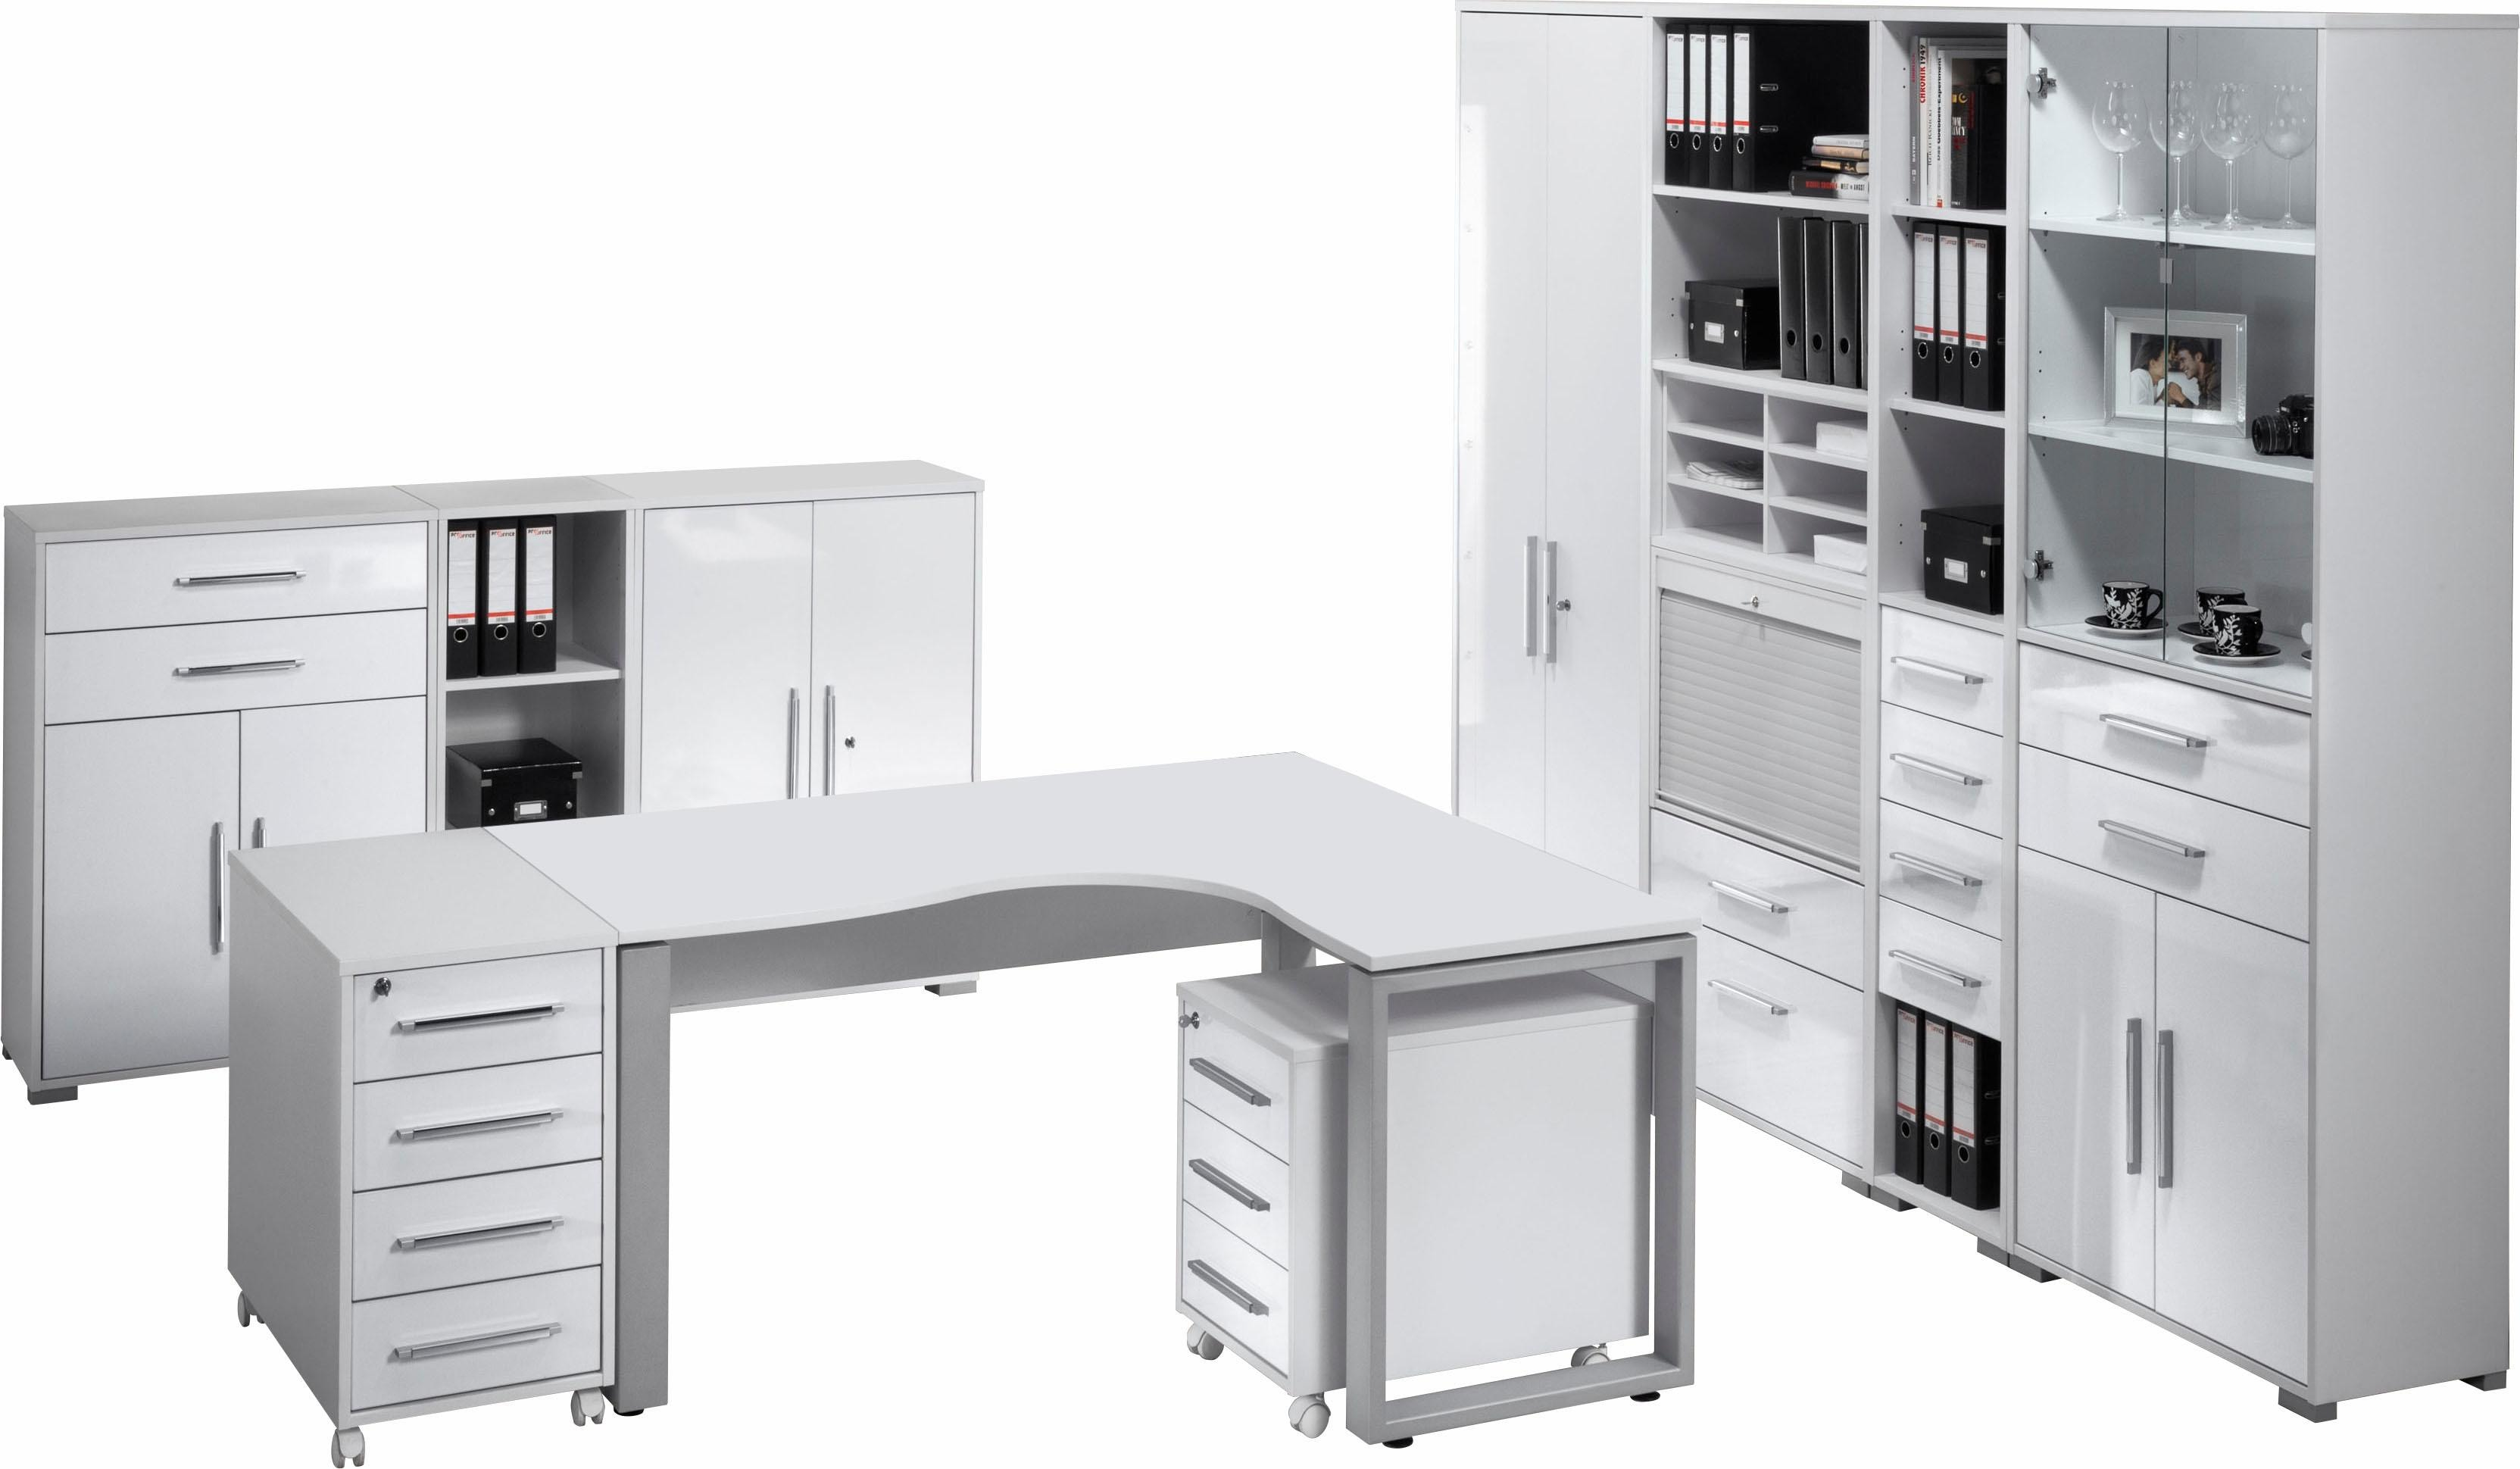 b rom bel serien online kaufen m bel suchmaschine seite 3. Black Bedroom Furniture Sets. Home Design Ideas